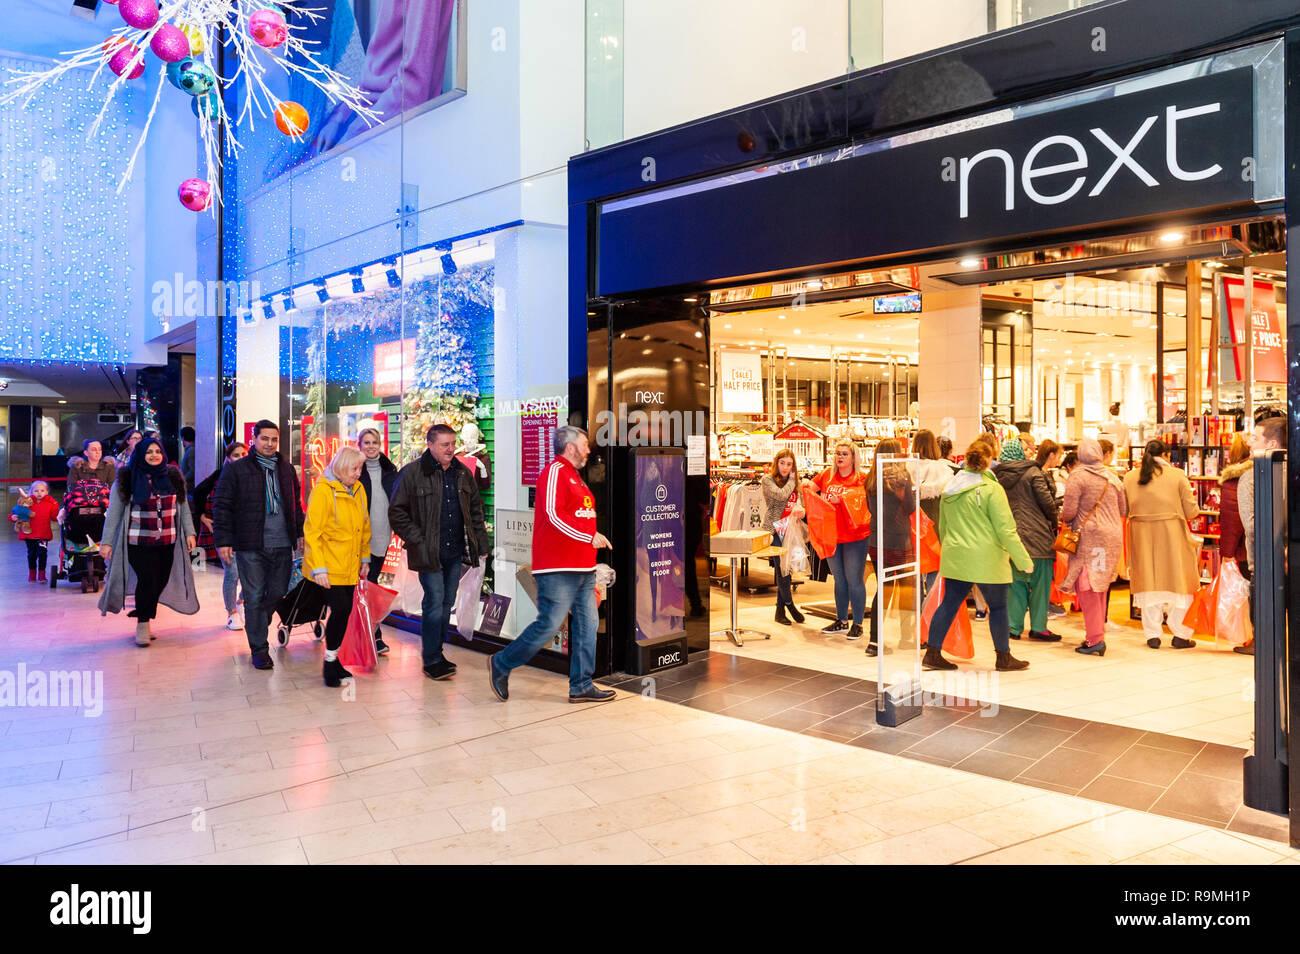 Shop Sale Uk Queue Stock Photos Amp Shop Sale Uk Queue Stock